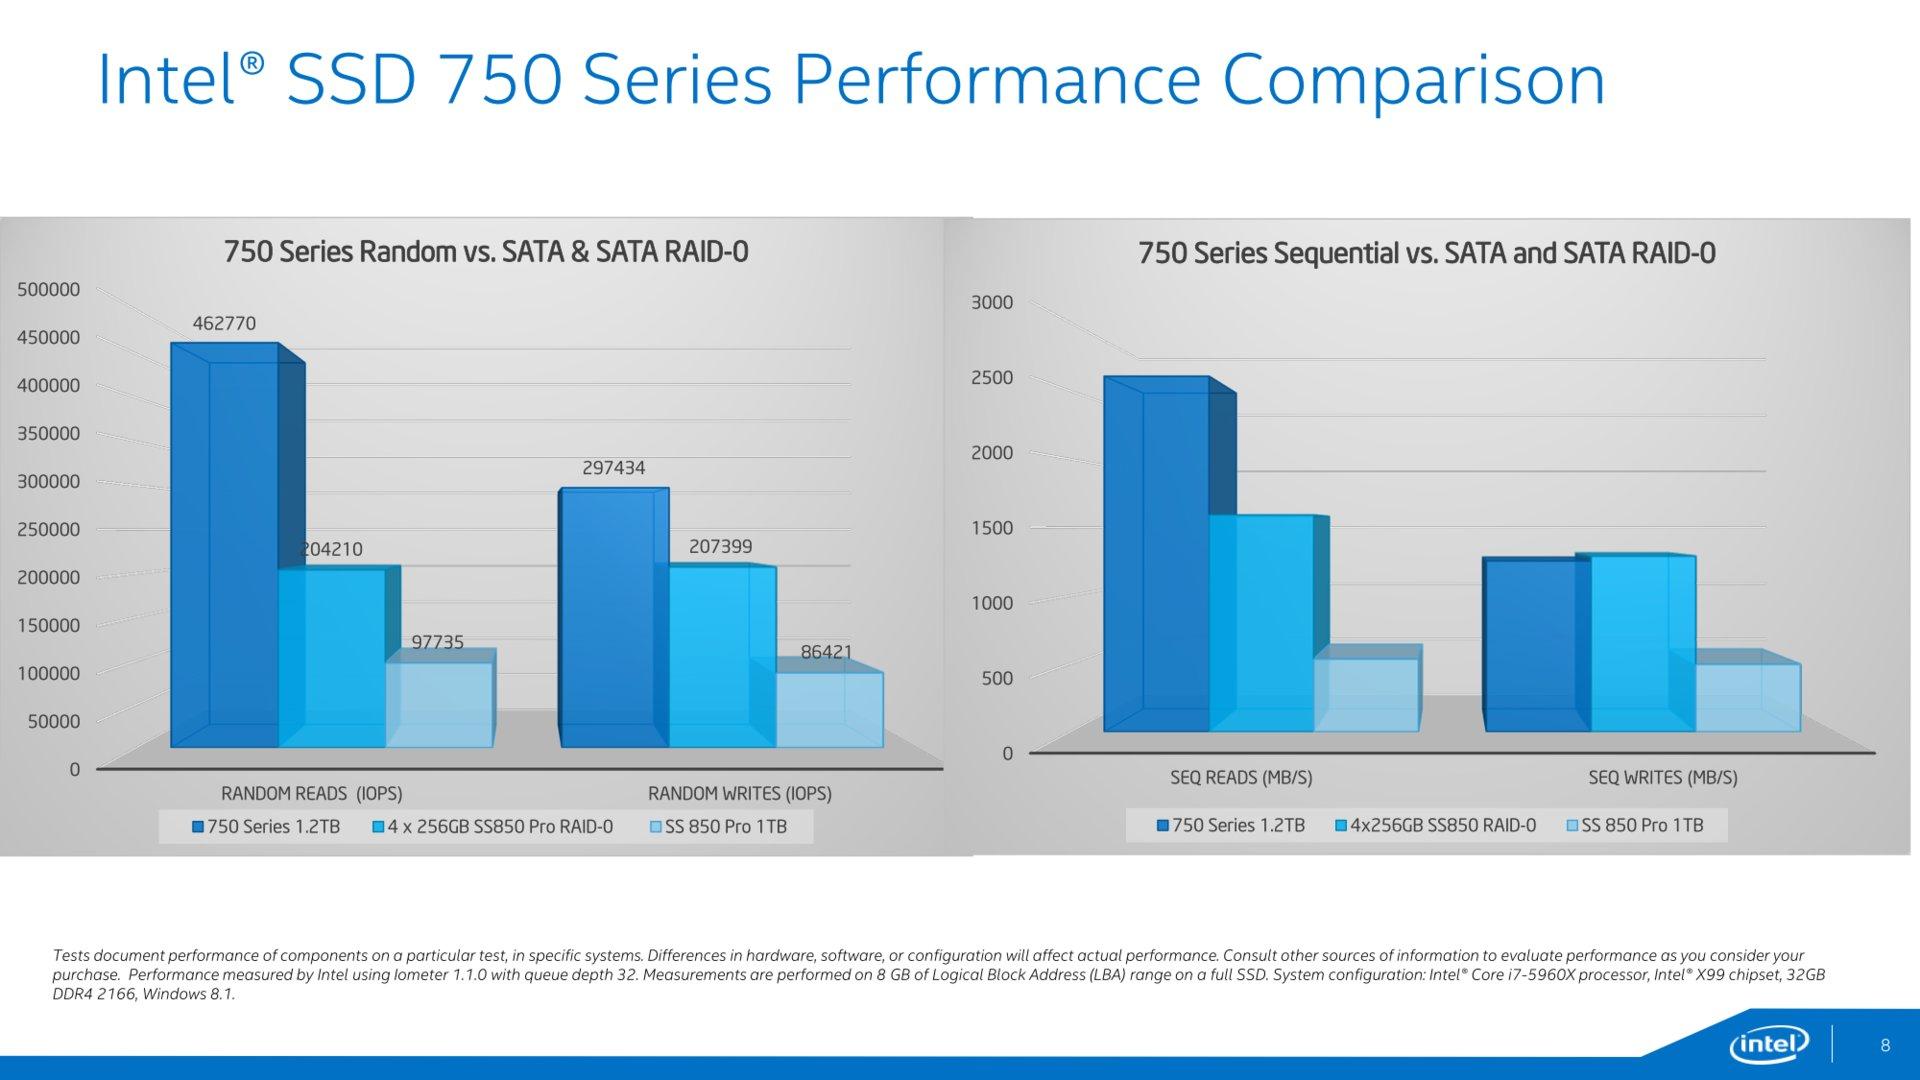 Herstellerbenchmarks im Vergleich zu SATA-SSDs